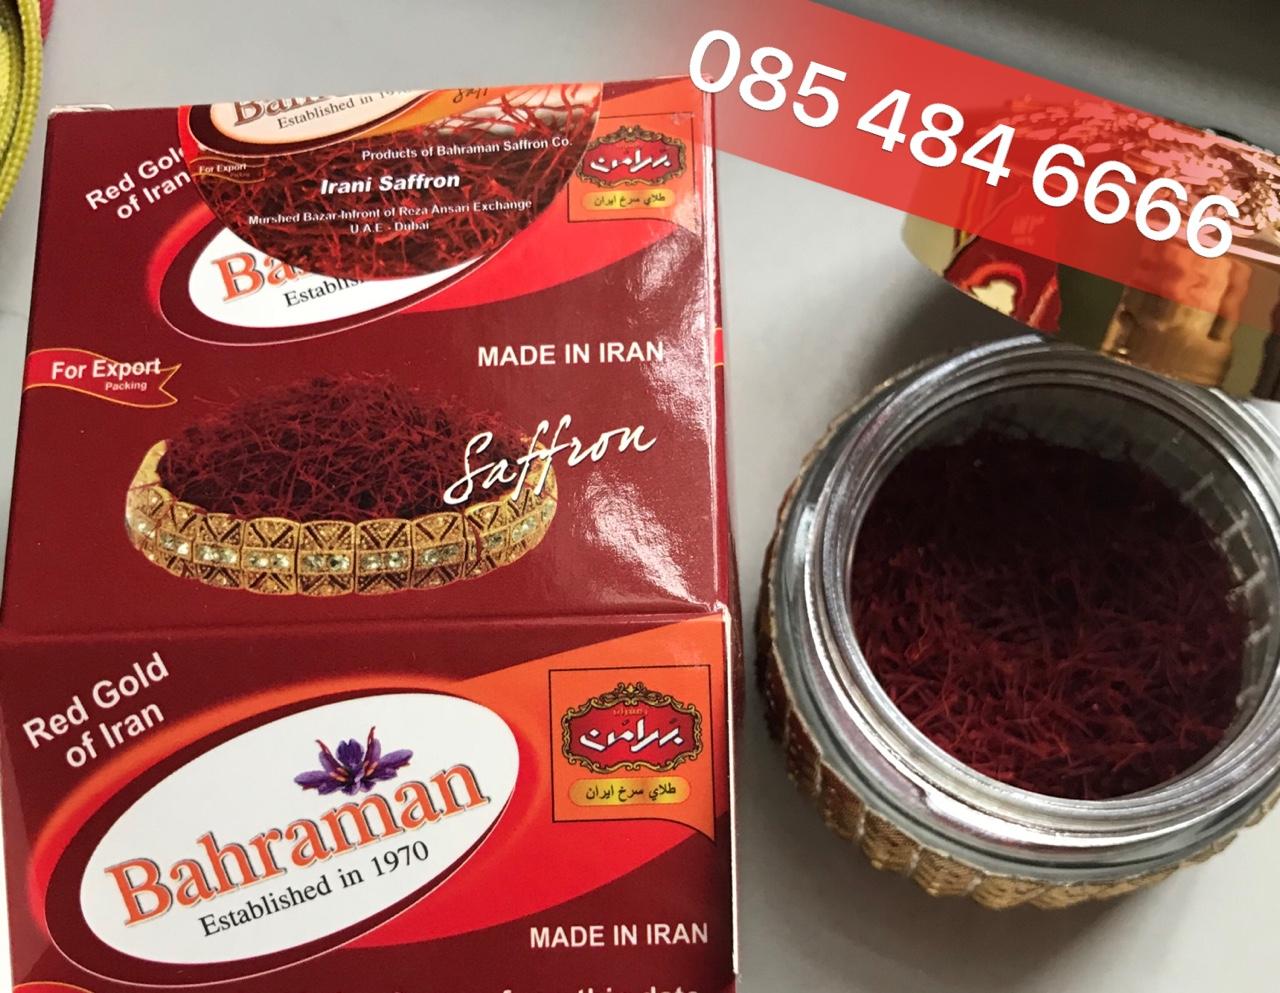 Vàng đỏ Iran - SAFFRON BAHRAMAN - nhụy hoa nghệ tây